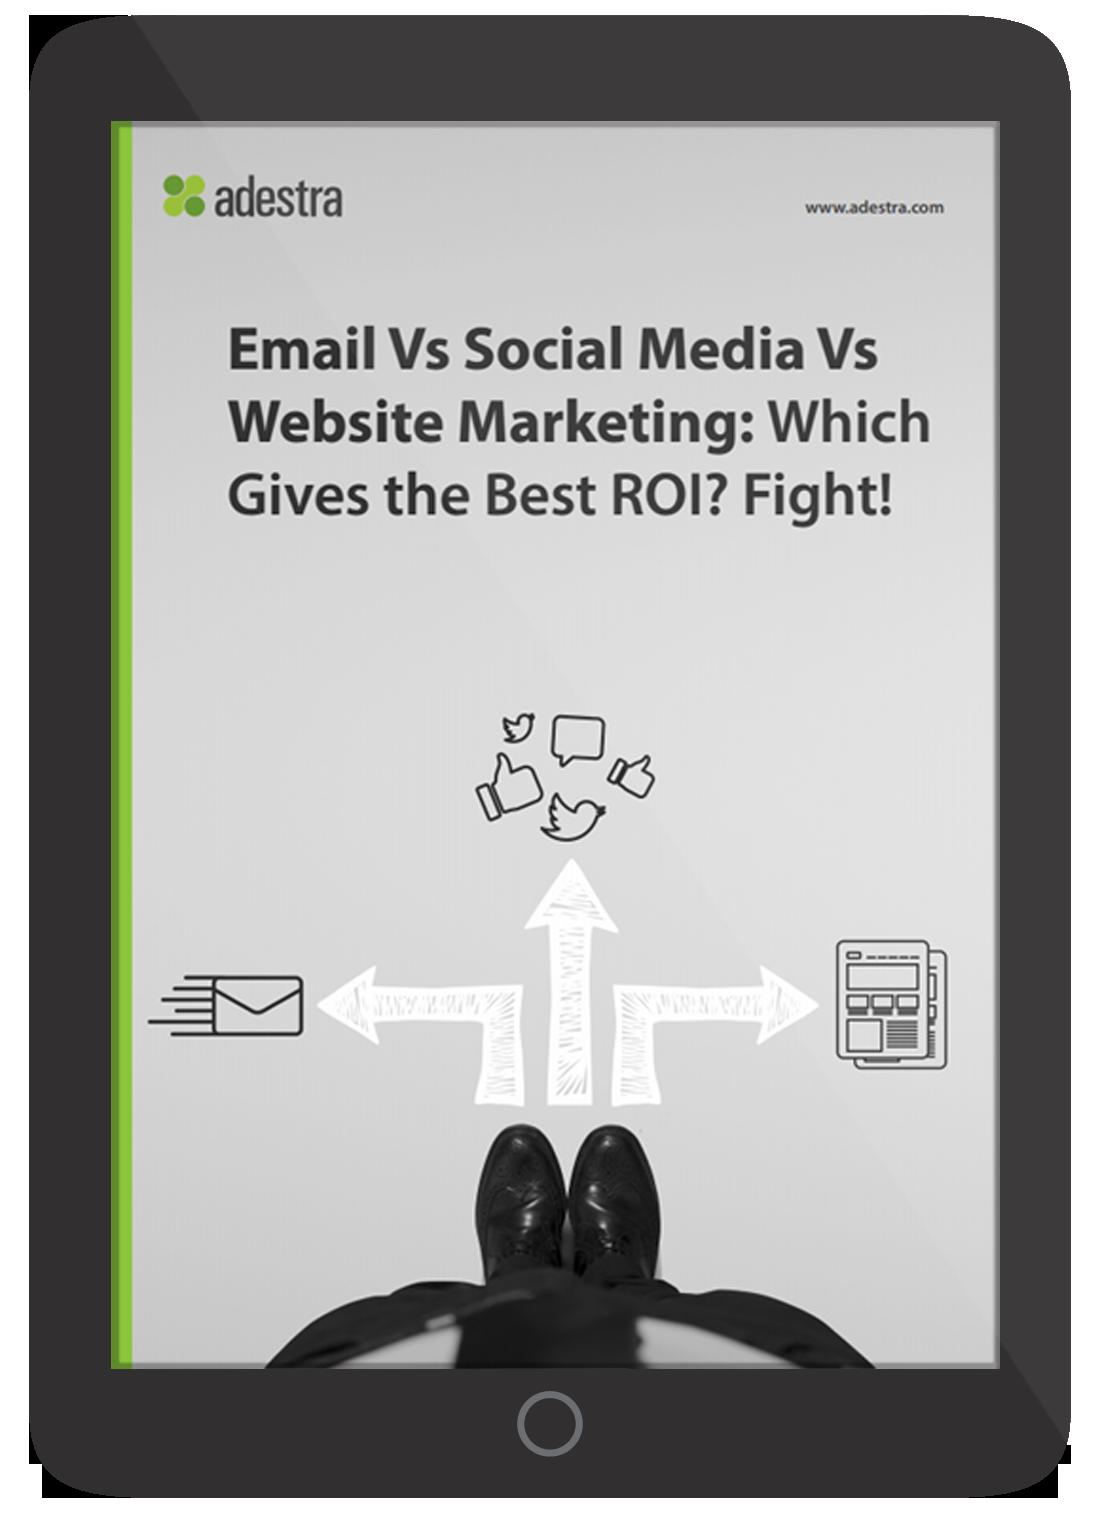 email-vs-social-media-vs